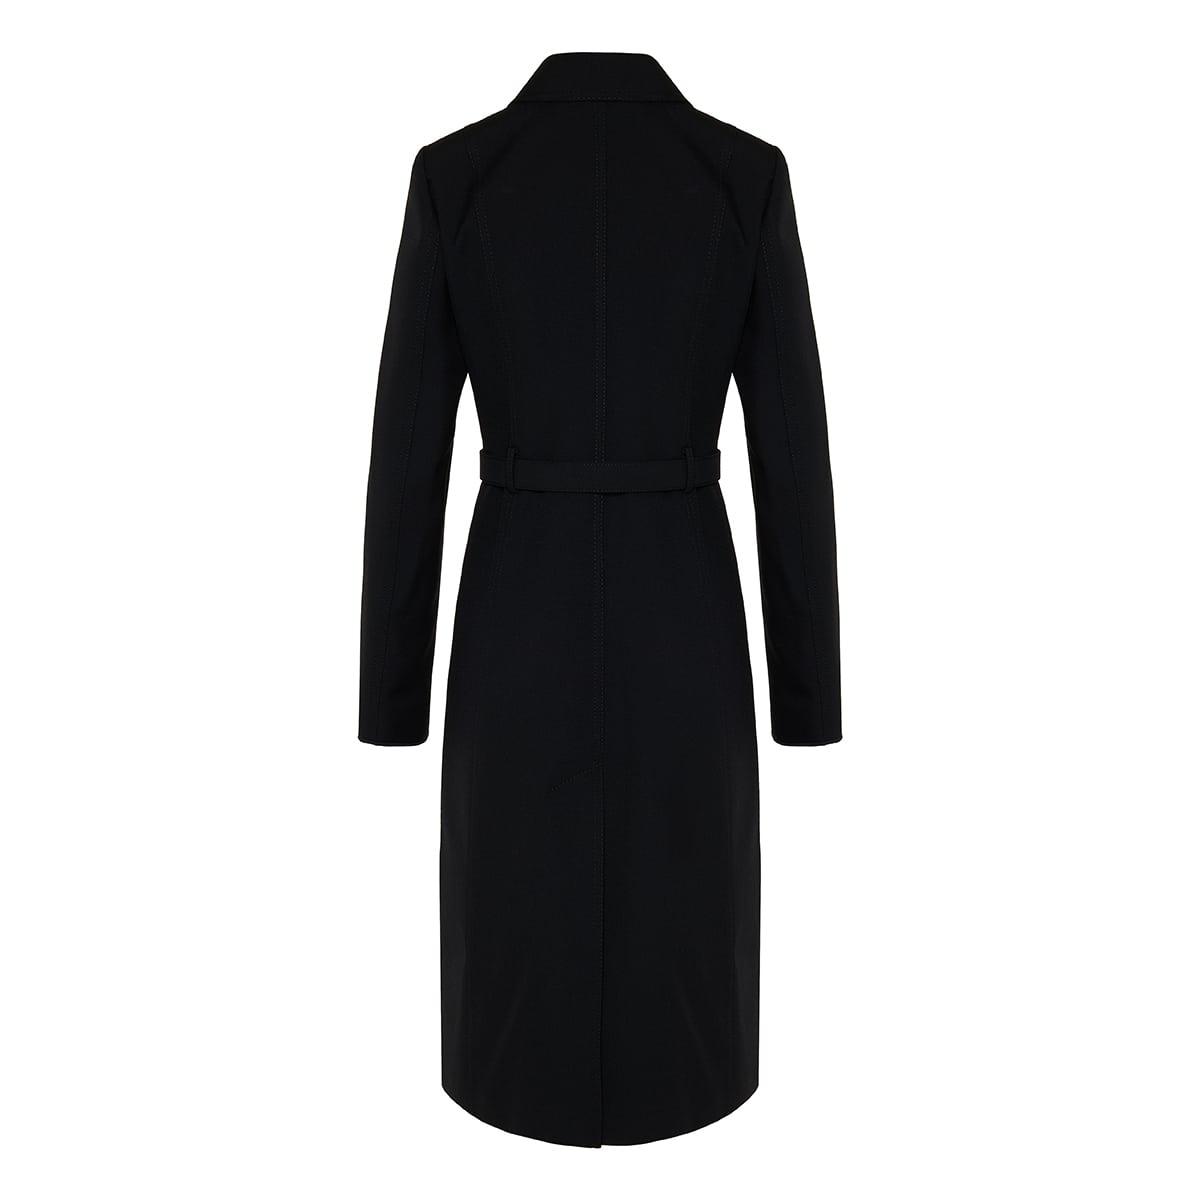 Vlogo belted wool coat